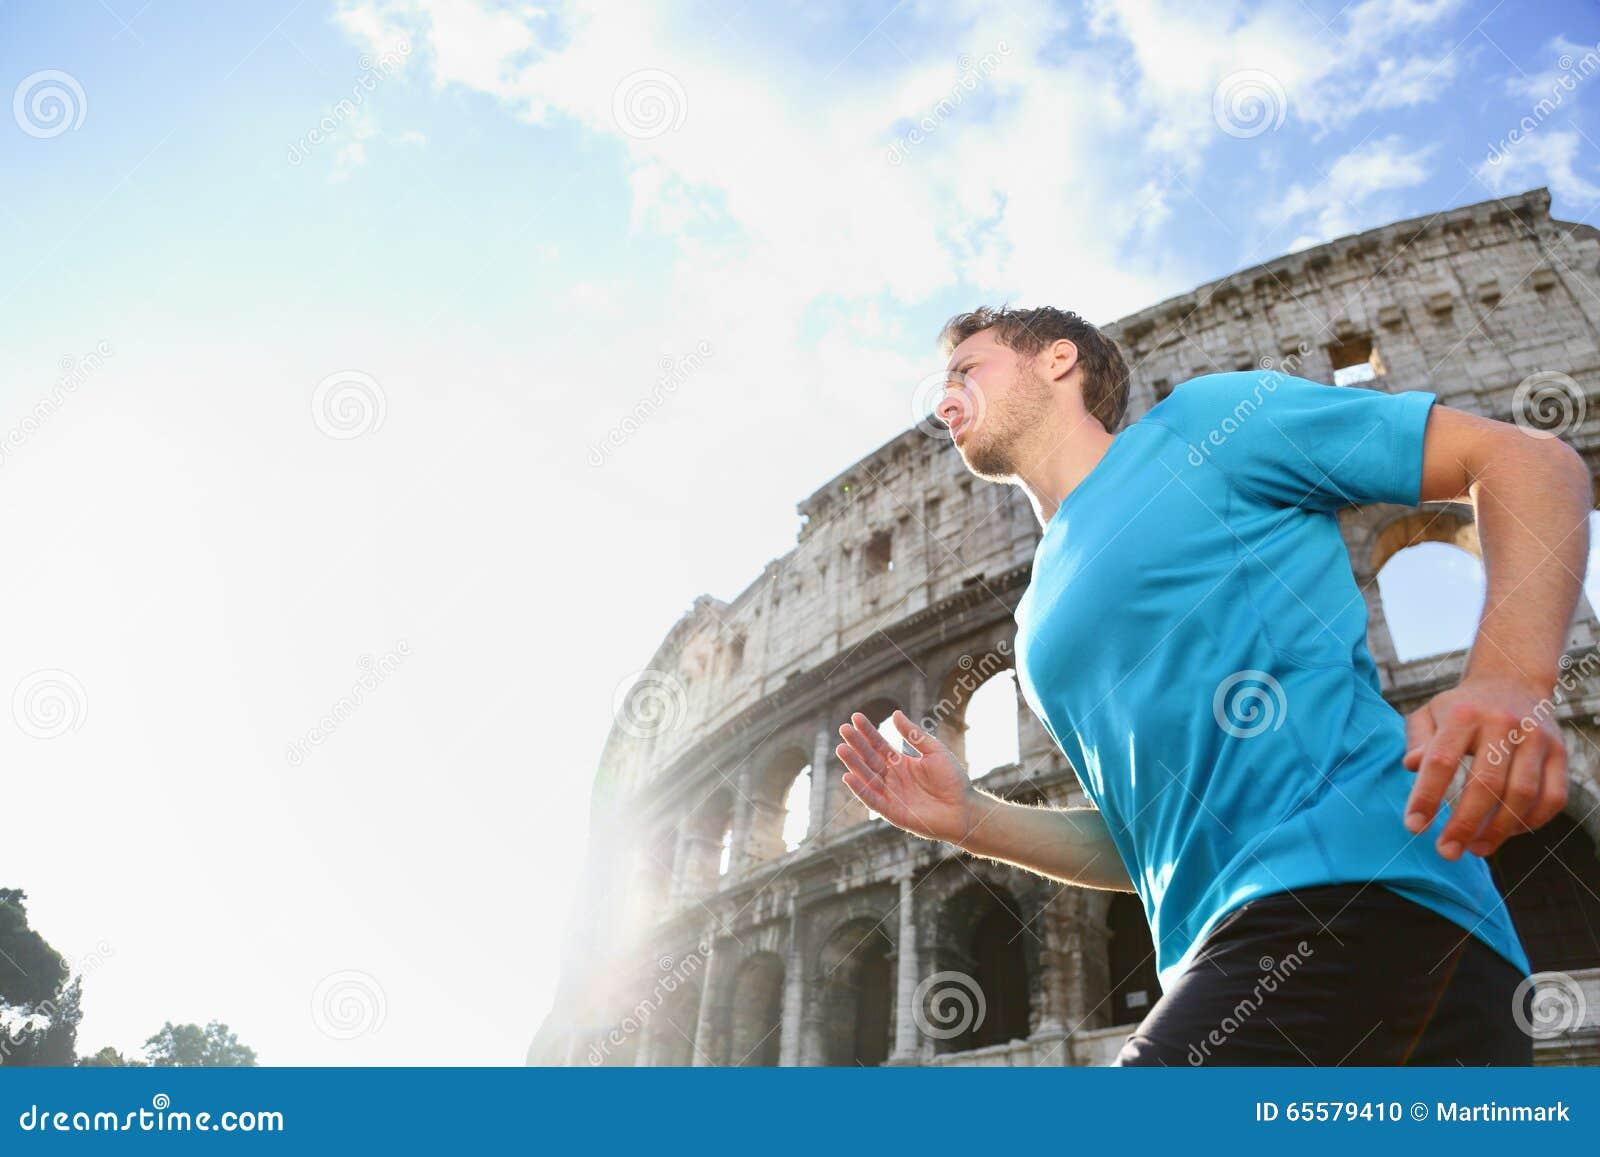 Biegacz Jogging i Biega Przeciw Colosseum